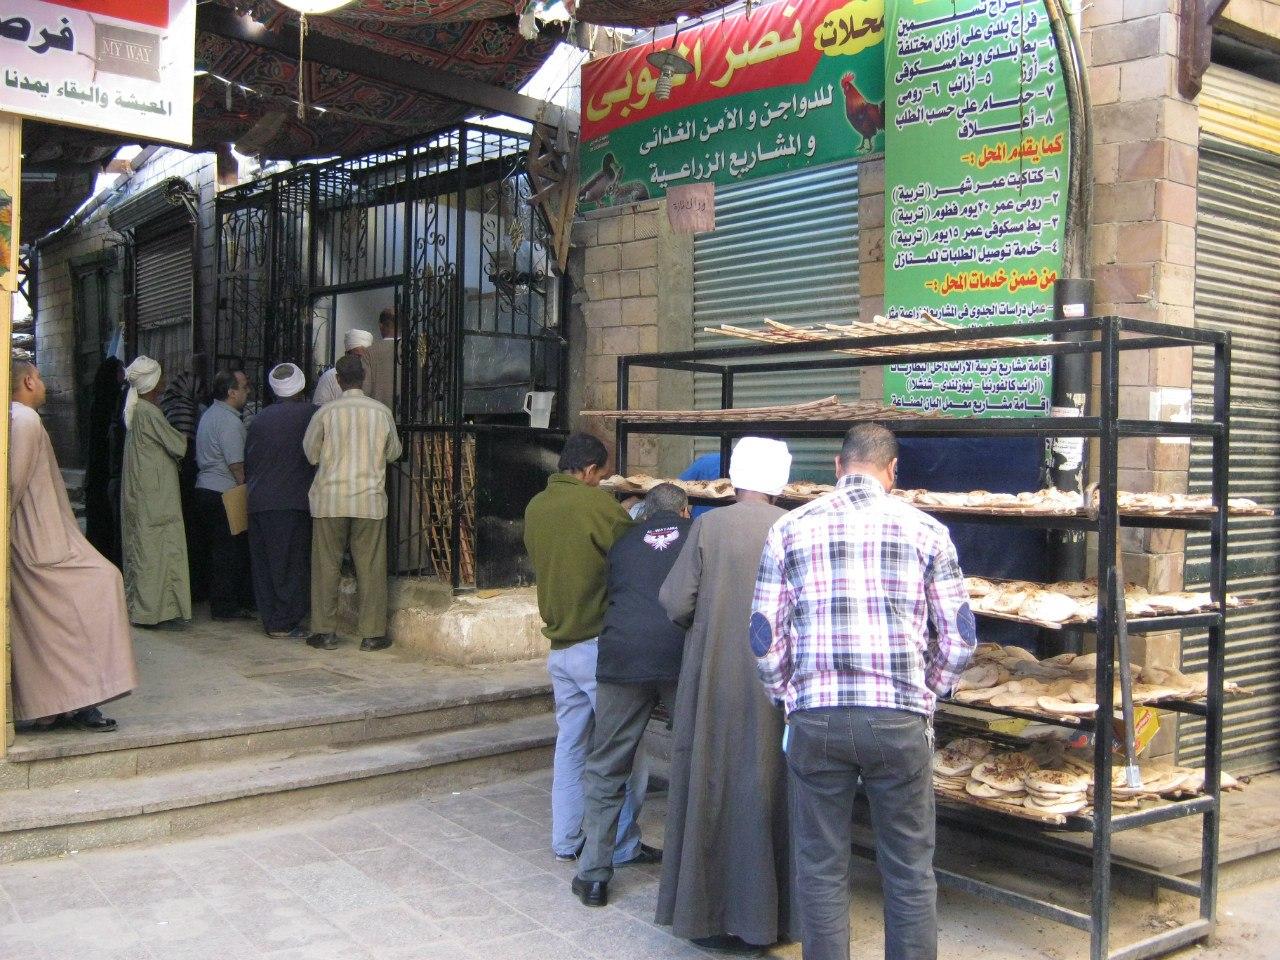 готовят и продают хлеб в Египте